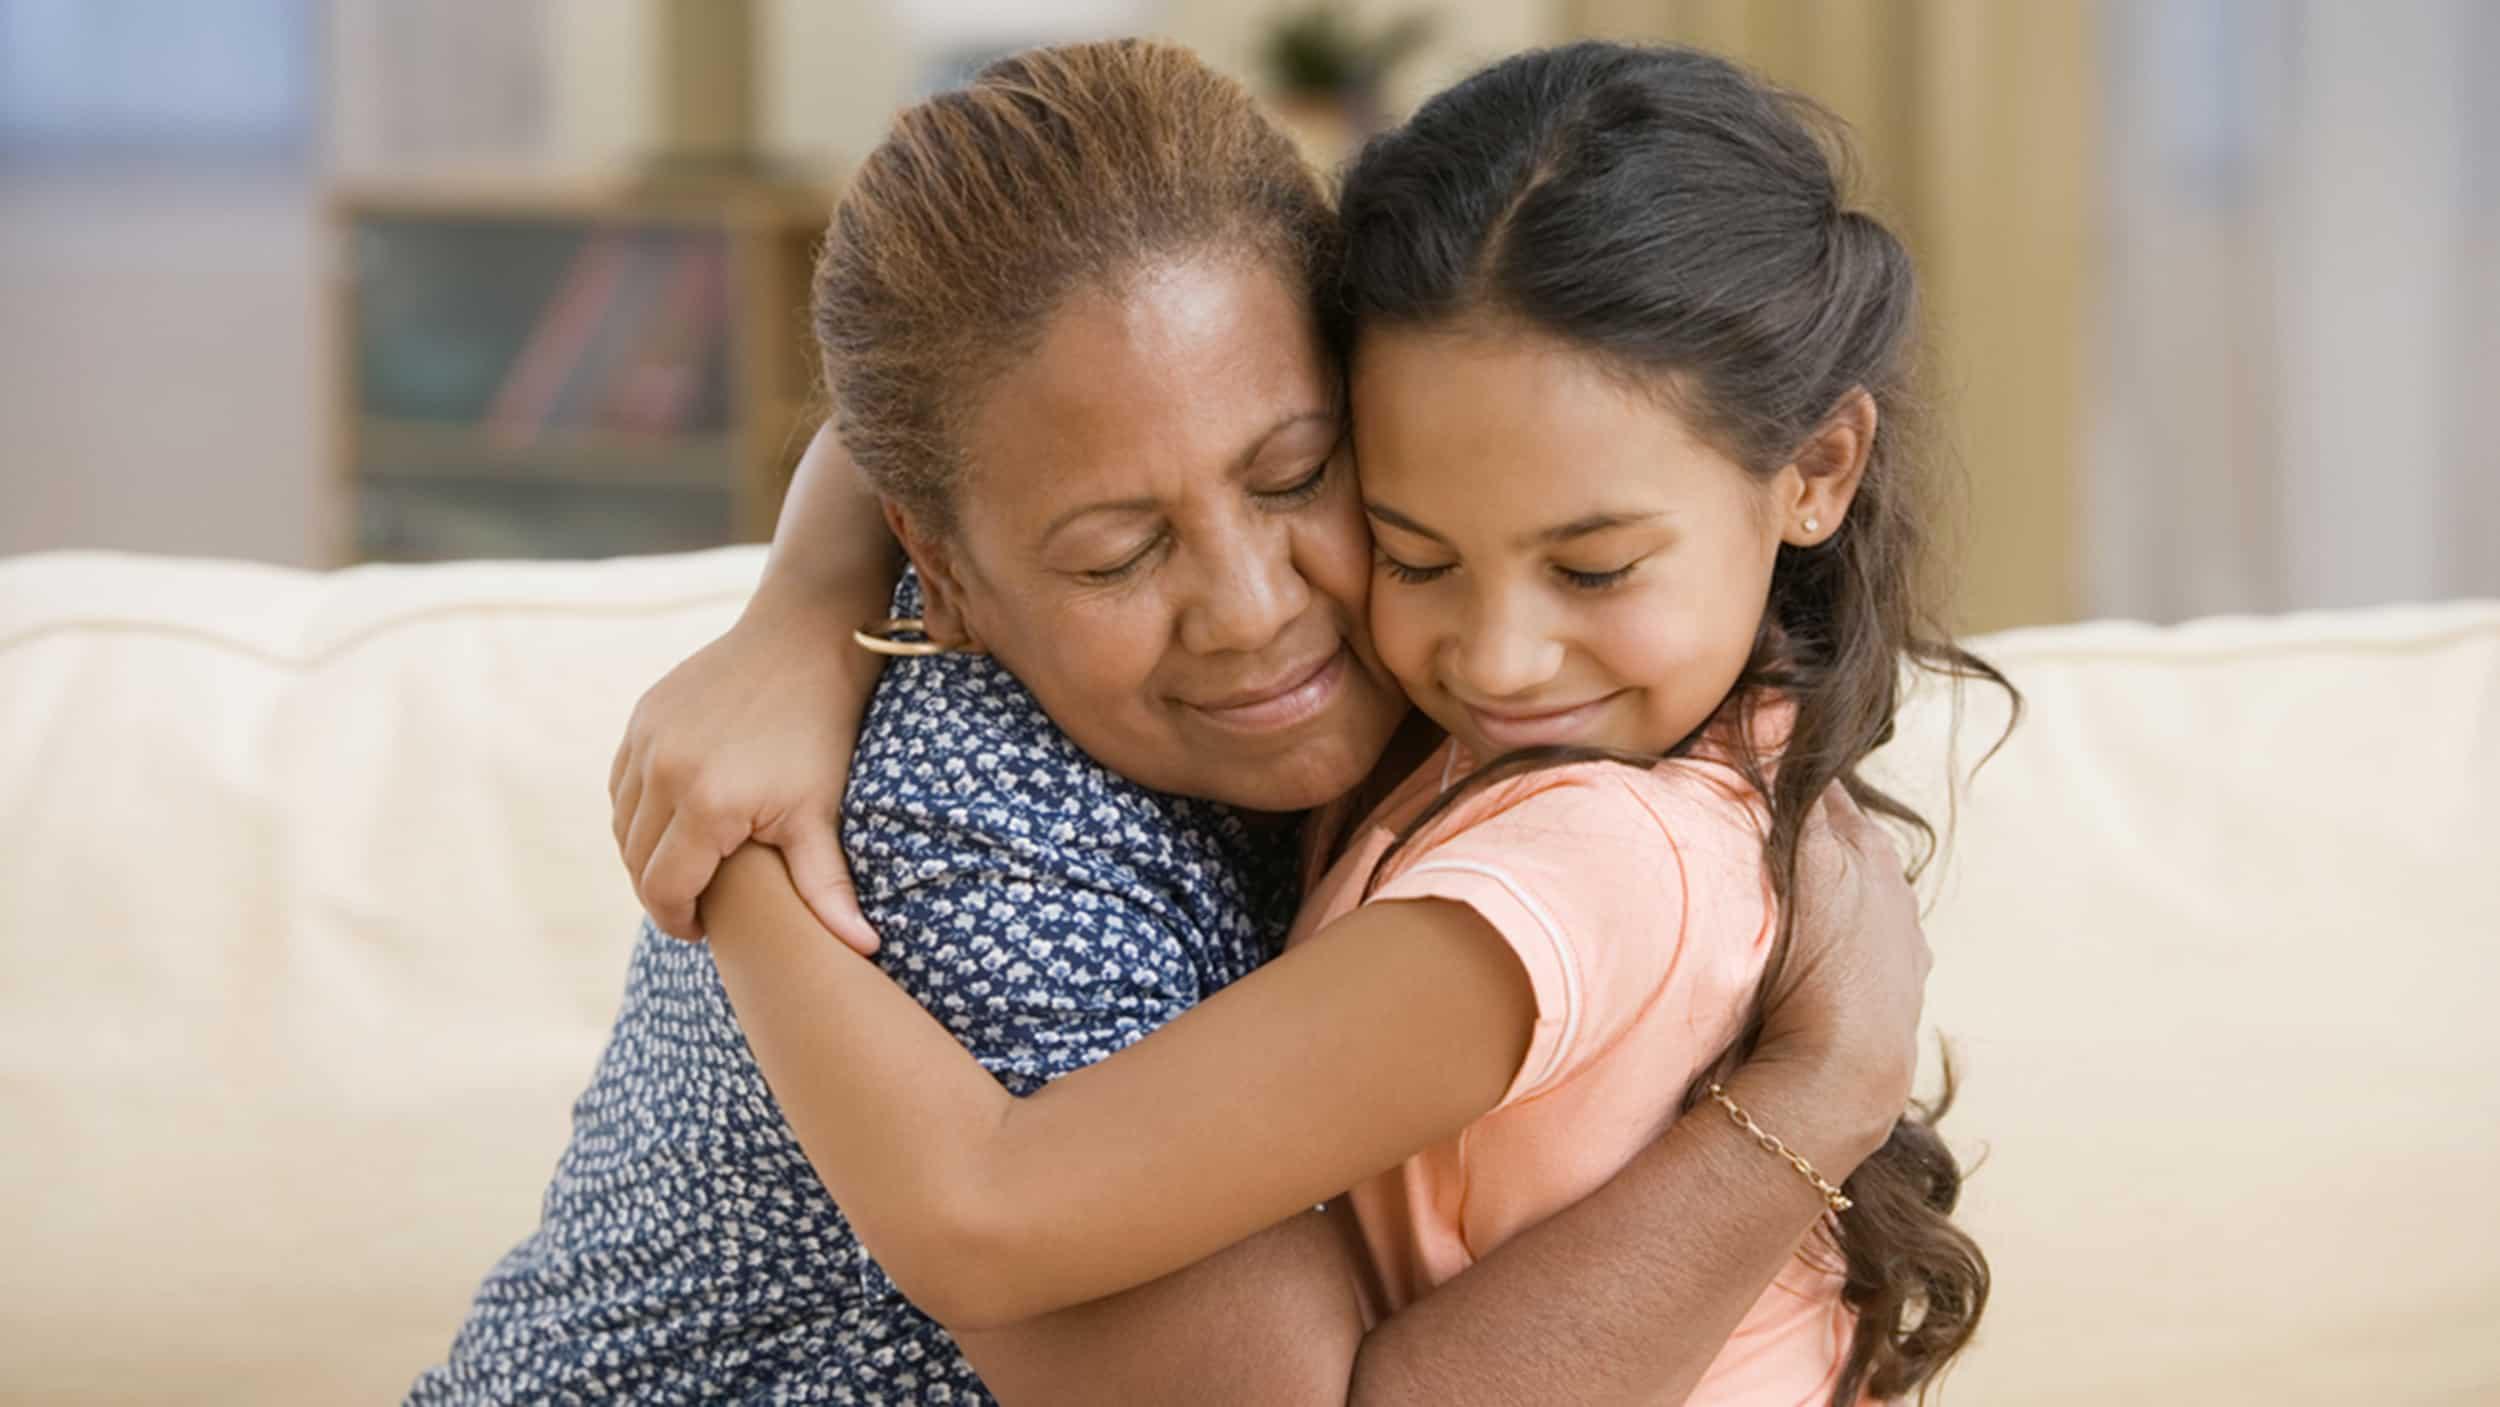 phương pháp dạy con của người Anh 5 điều làm nên phương pháp dạy con của người Anh